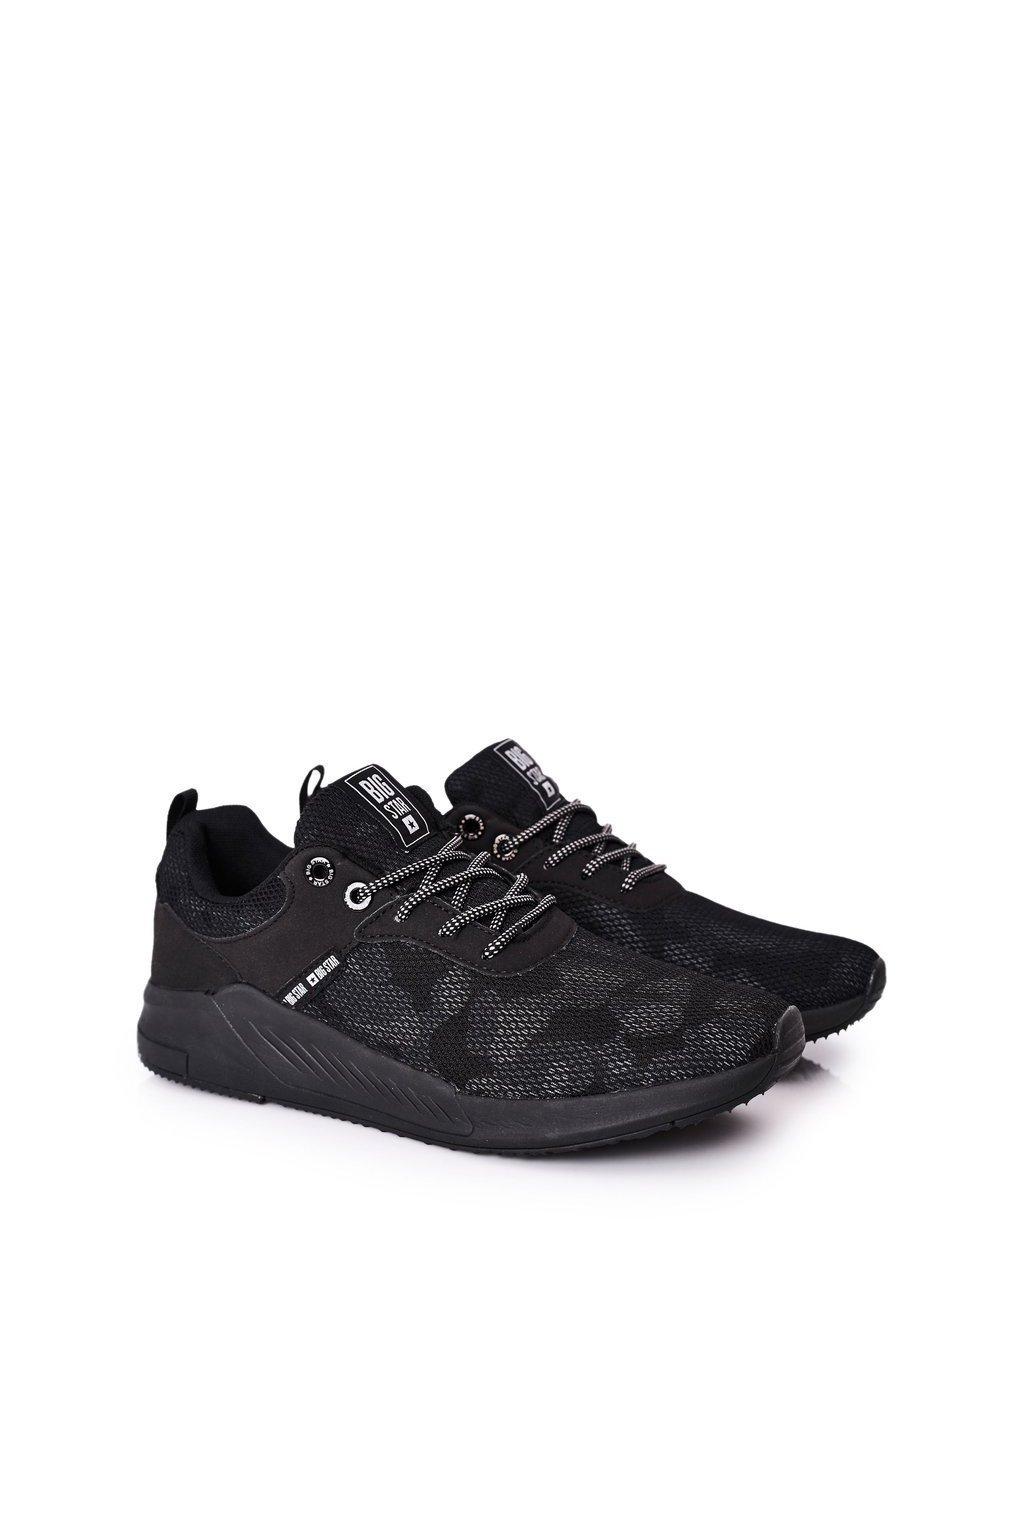 Čierna obuv kód topánok HH174141 BLACK